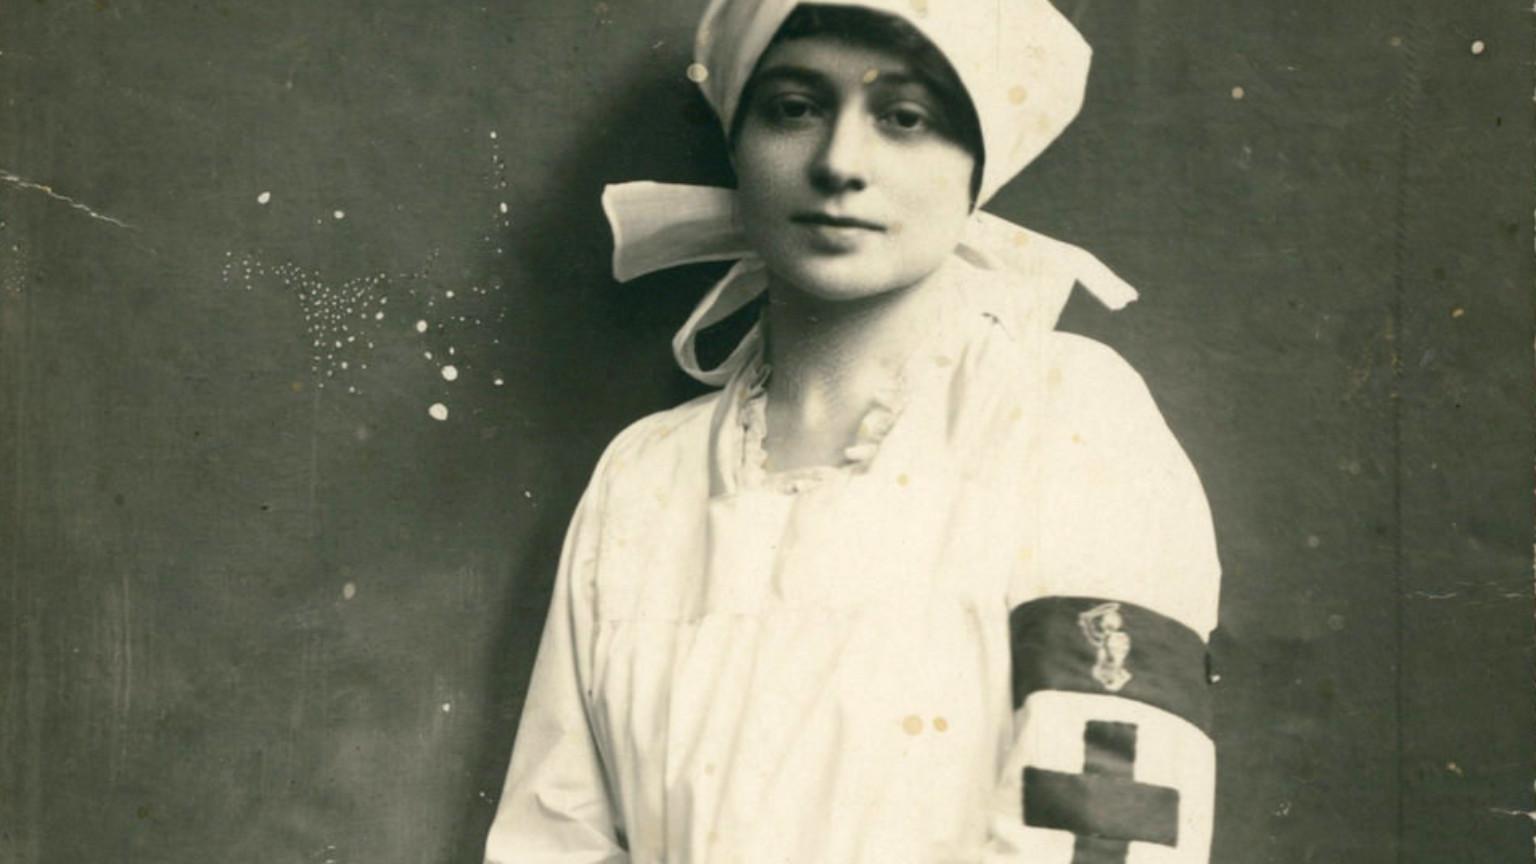 Zdjęcie dla kartki: Polskie Towarzystwo Czerwonego Krzyża - początki PCK